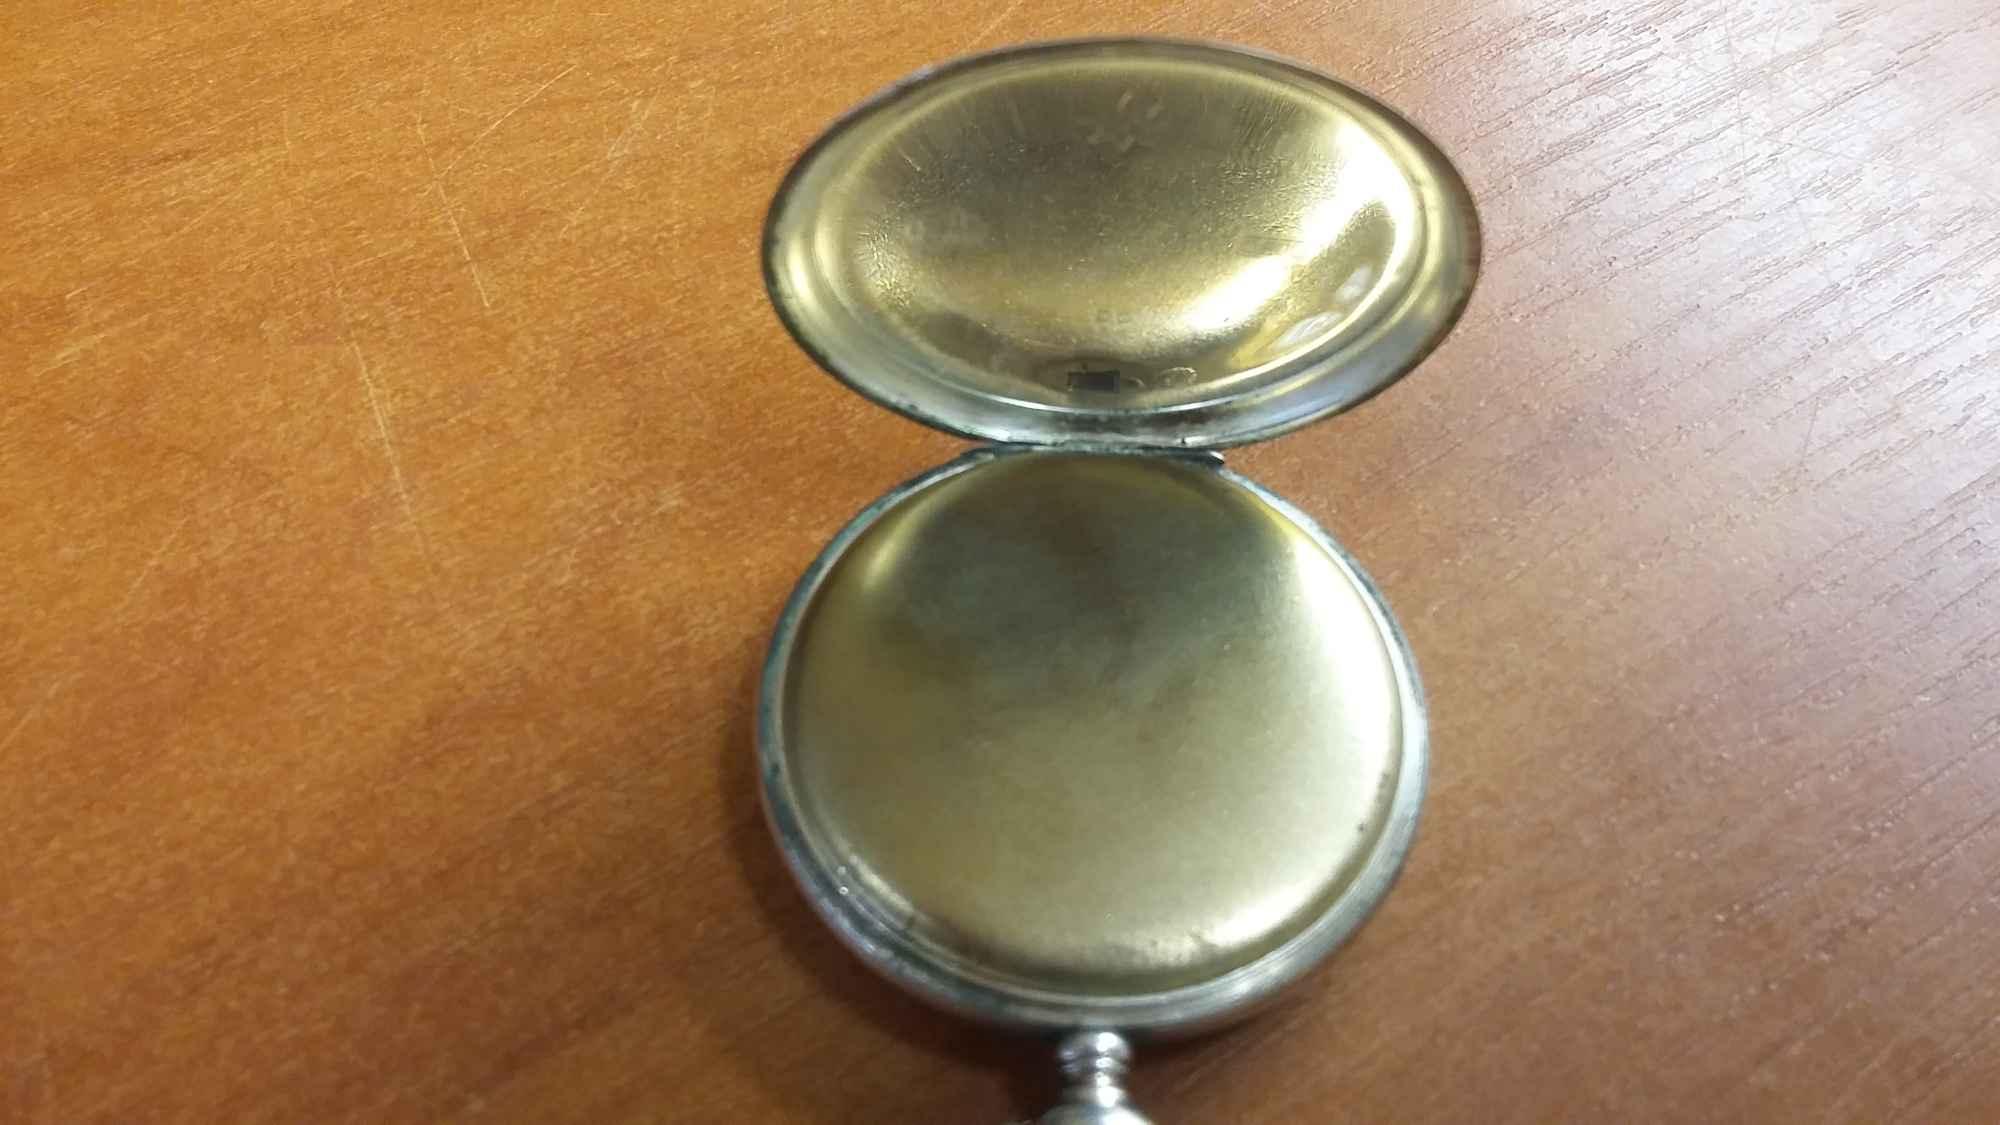 Skup antyków,monet,biżuterii. zegarków,srebra,militaria Wałcz - zdjęcie 8